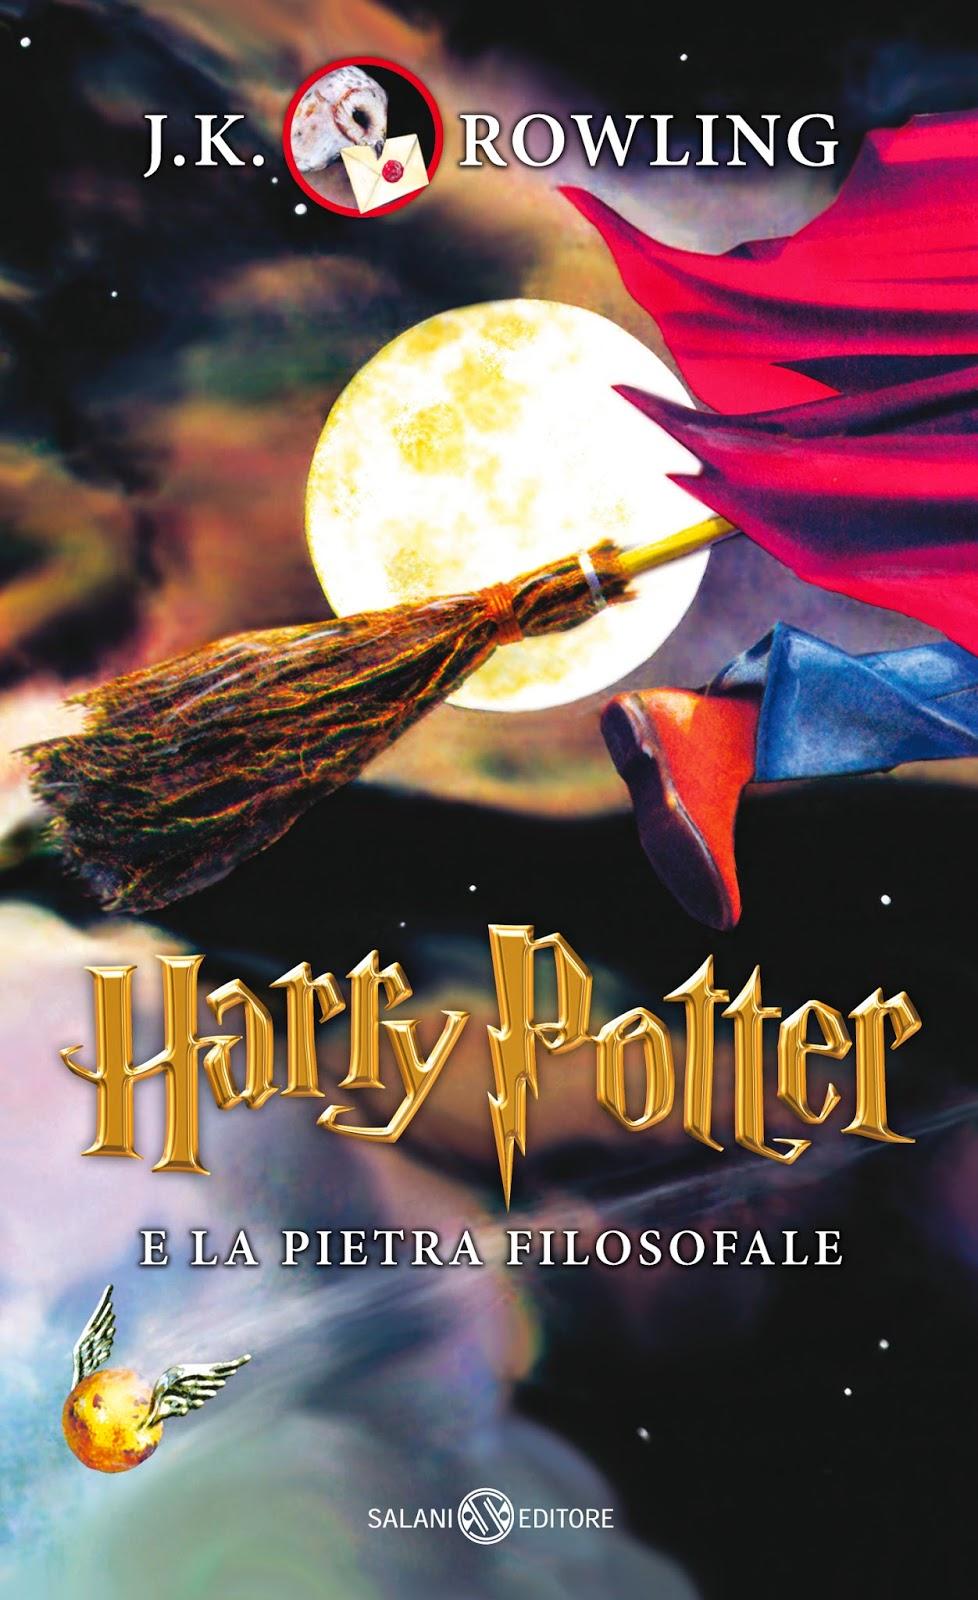 Harry Potter e la pietra filosofale Edizione 2014 Illustrazioni Ien van Laanen